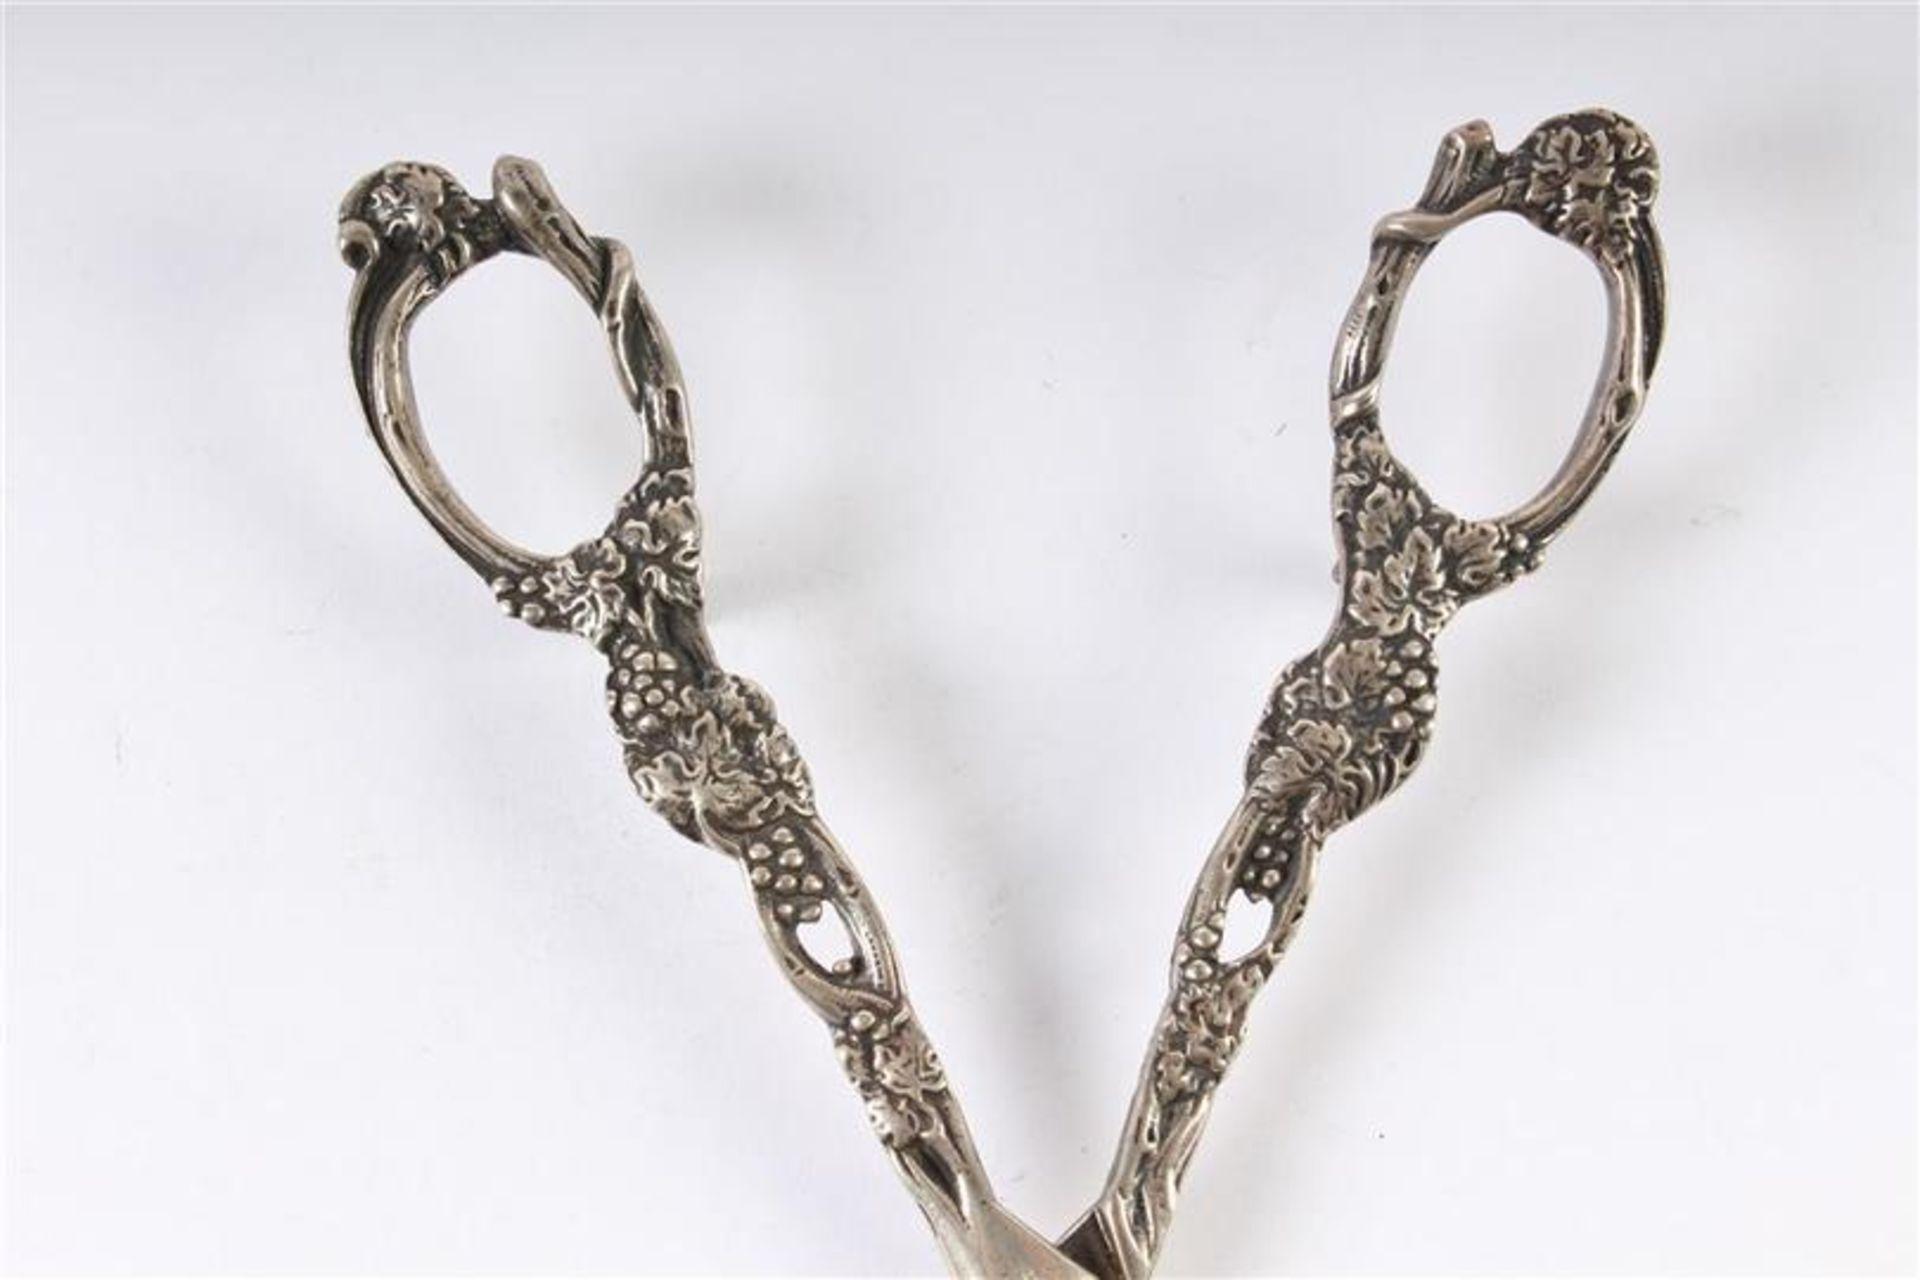 Los 18 - Twee diverse zilveren druivenscharen, waaronder 1egehalteHollands gekeurd. L: 13 en 14 cm.